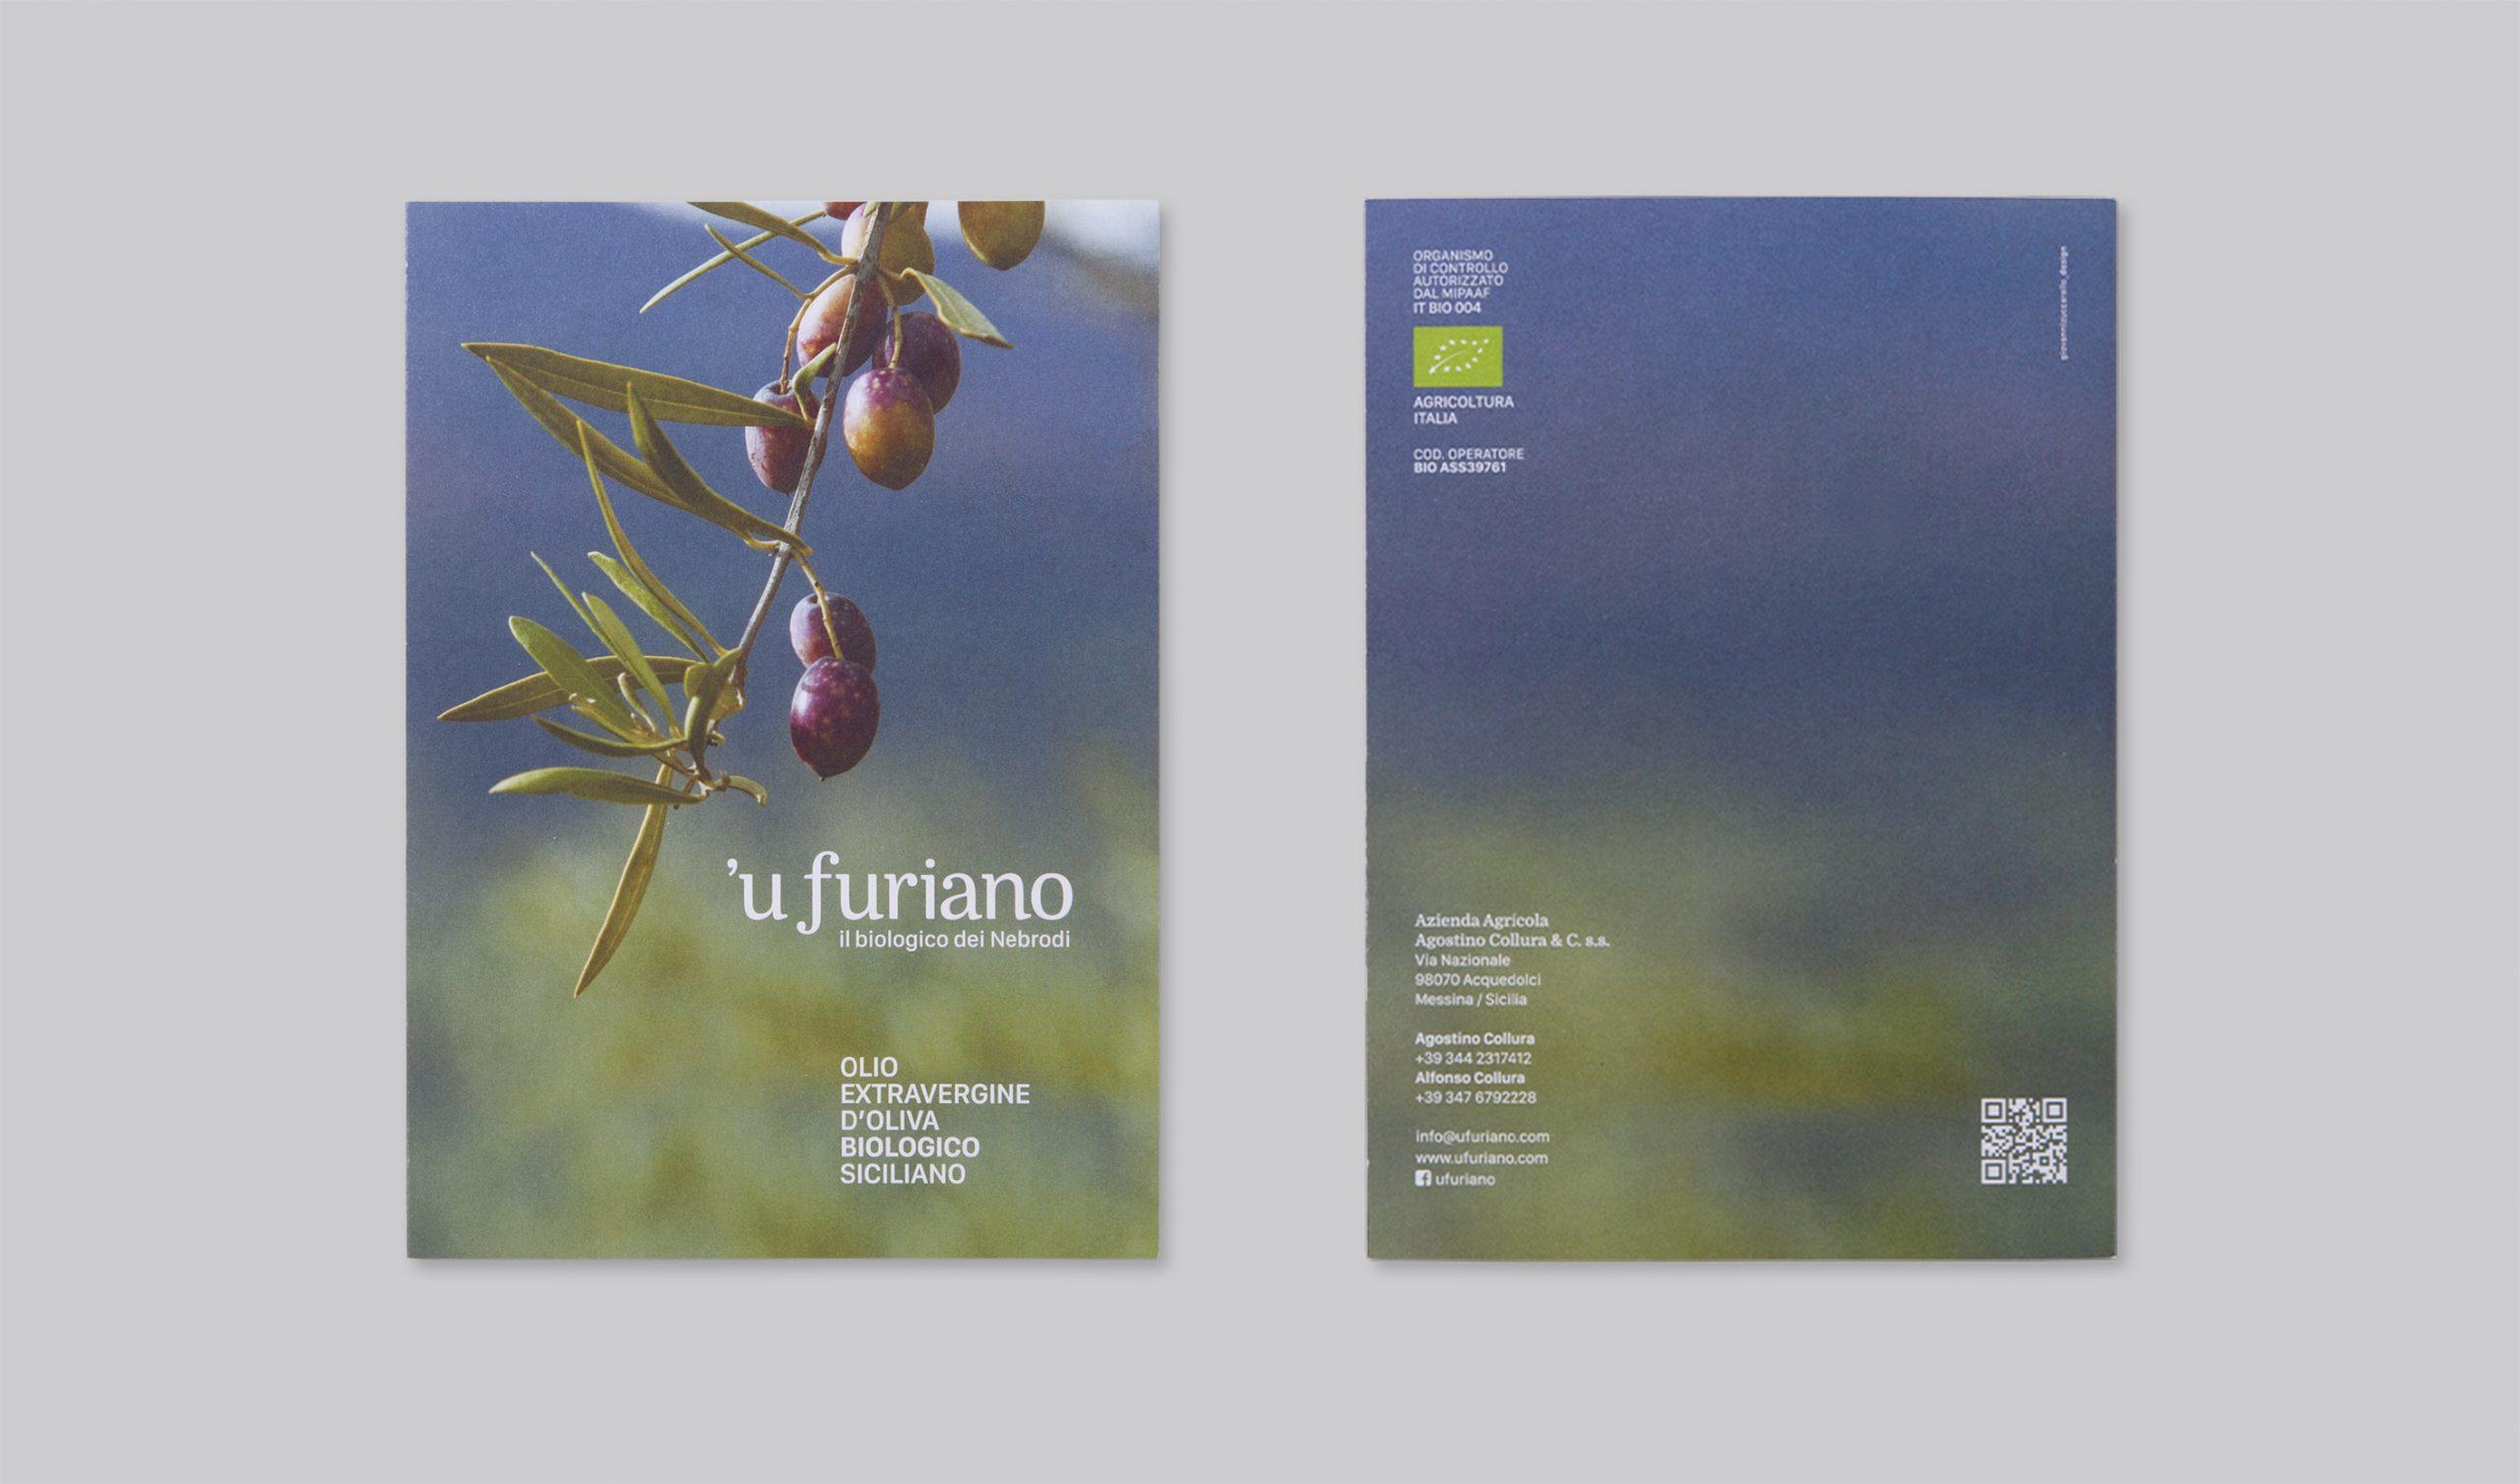 Olio 'u Furiano Packaging - Pieghevole